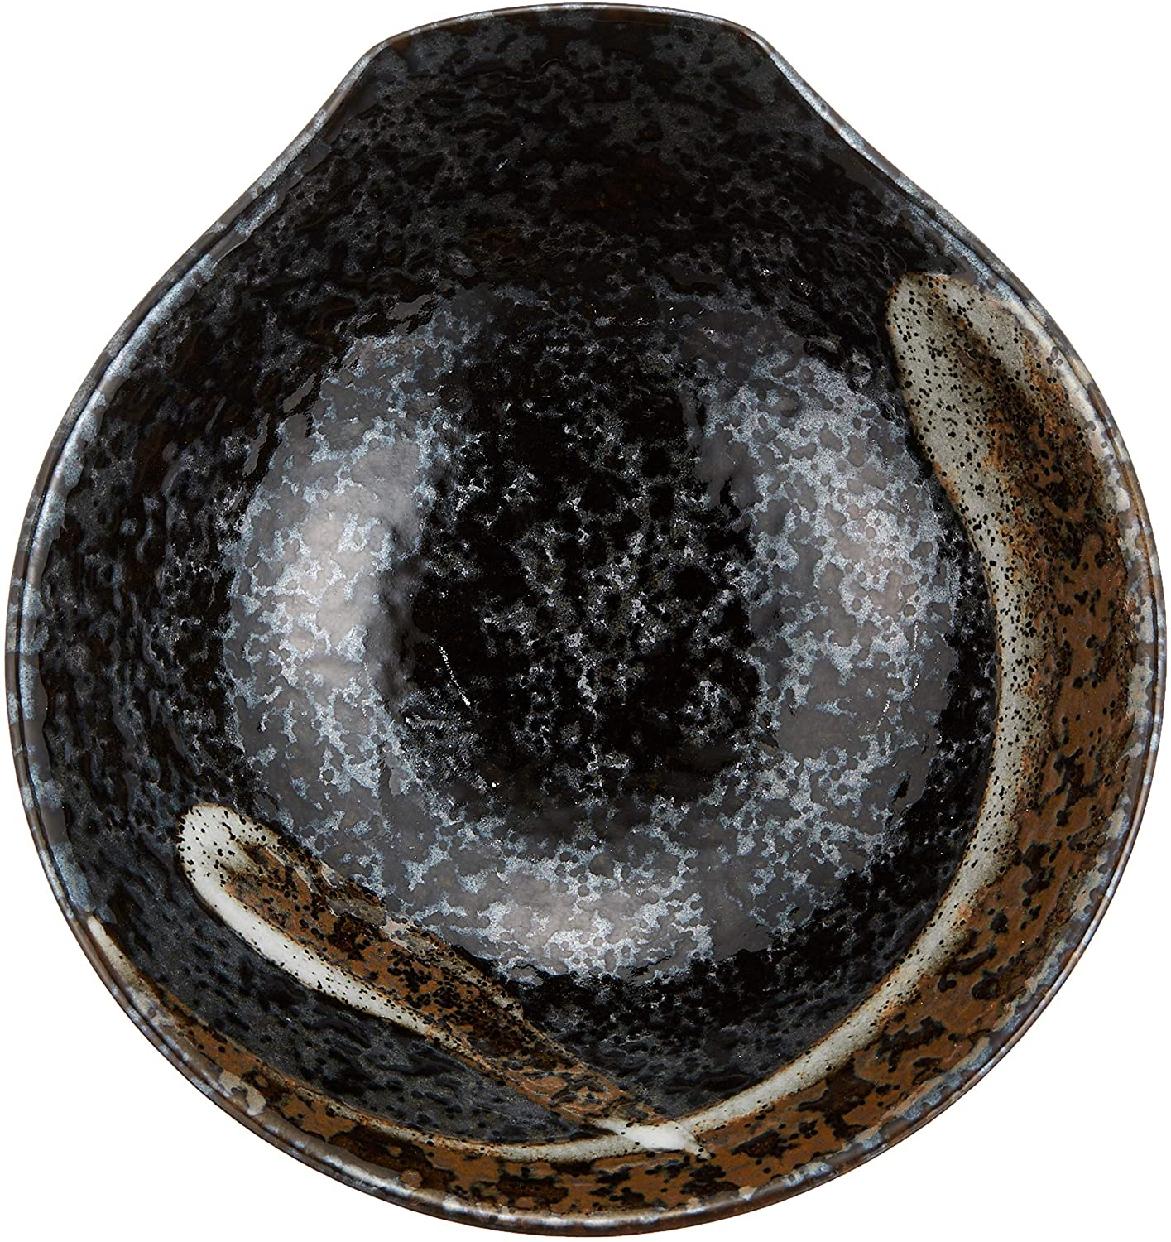 セトモノホンポ アケヨ呑水の商品画像2